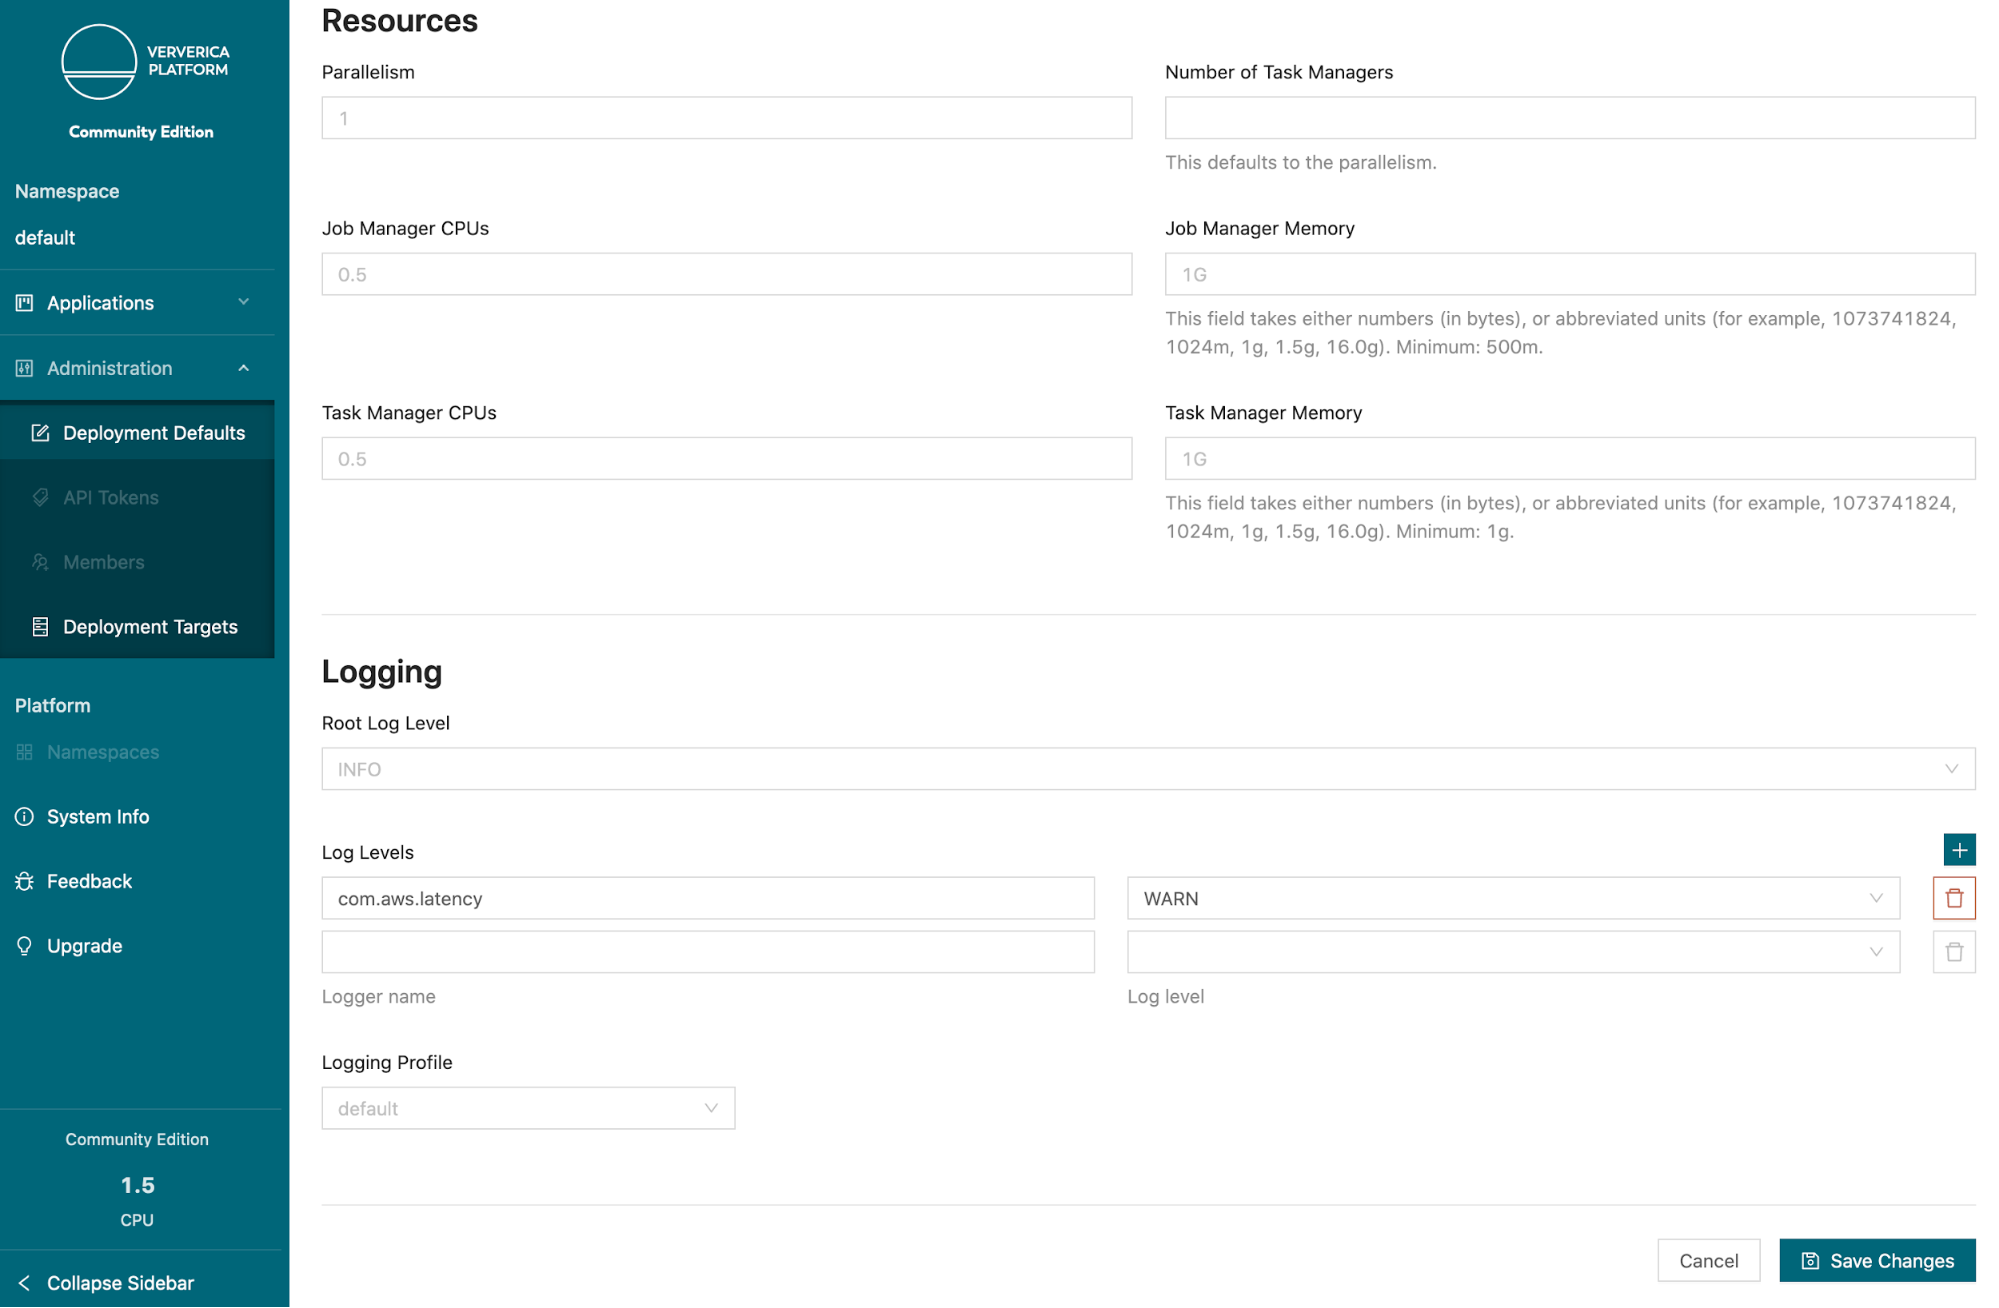 Ververica Platform Community Edition, Flink Resources, Flink deployments, Kubernetes, Flink on K8s